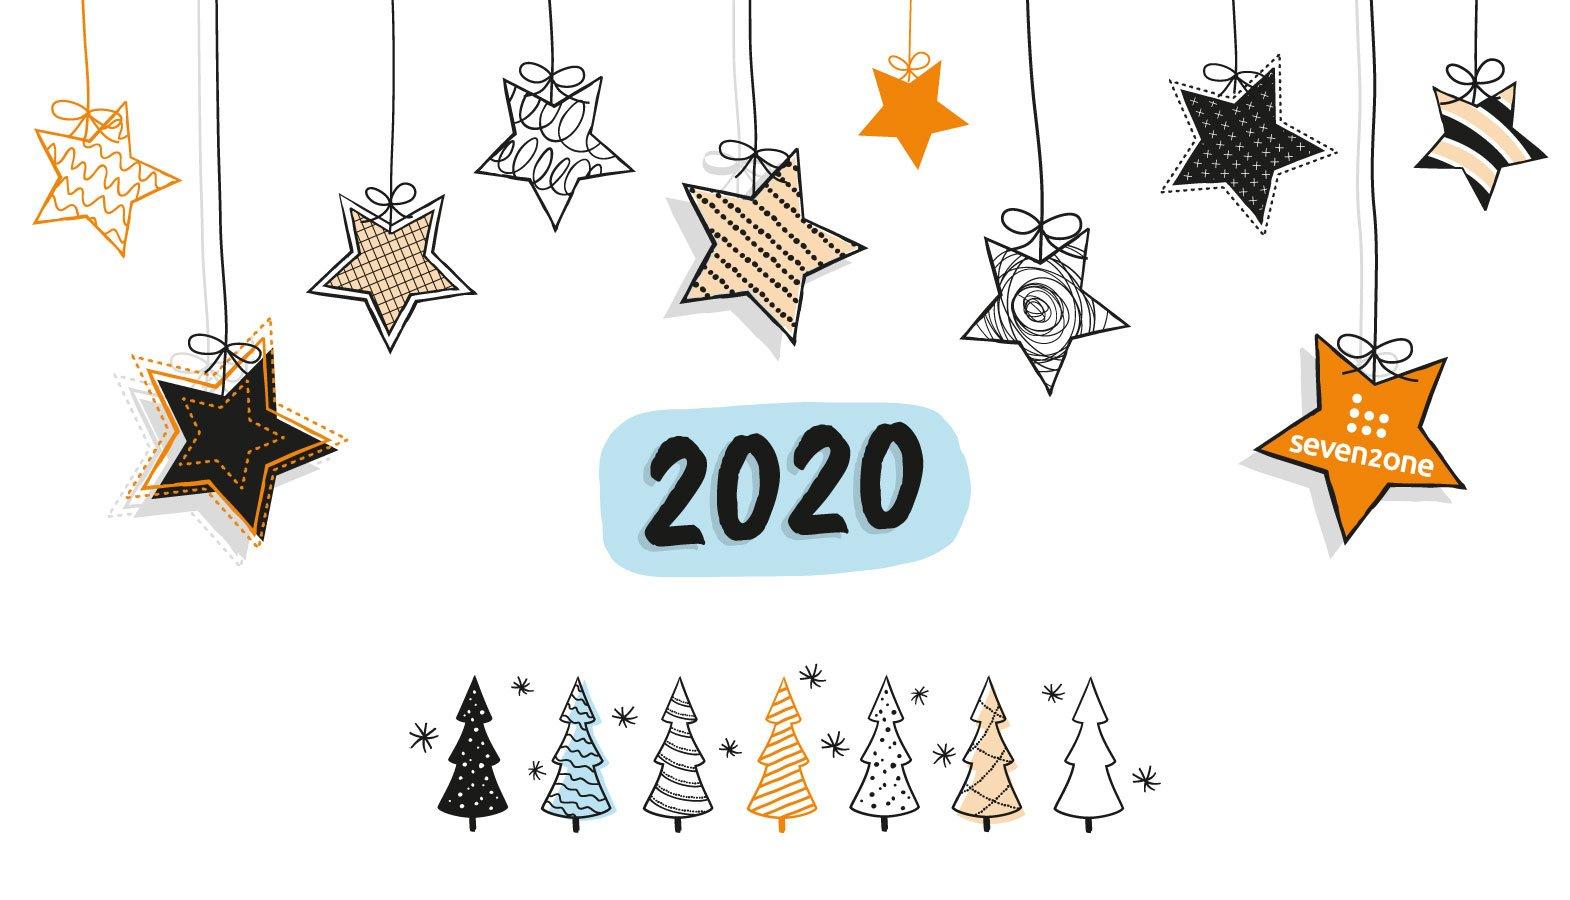 Rückblick 2020, Motiv der Seven2one Weihnachtskarte